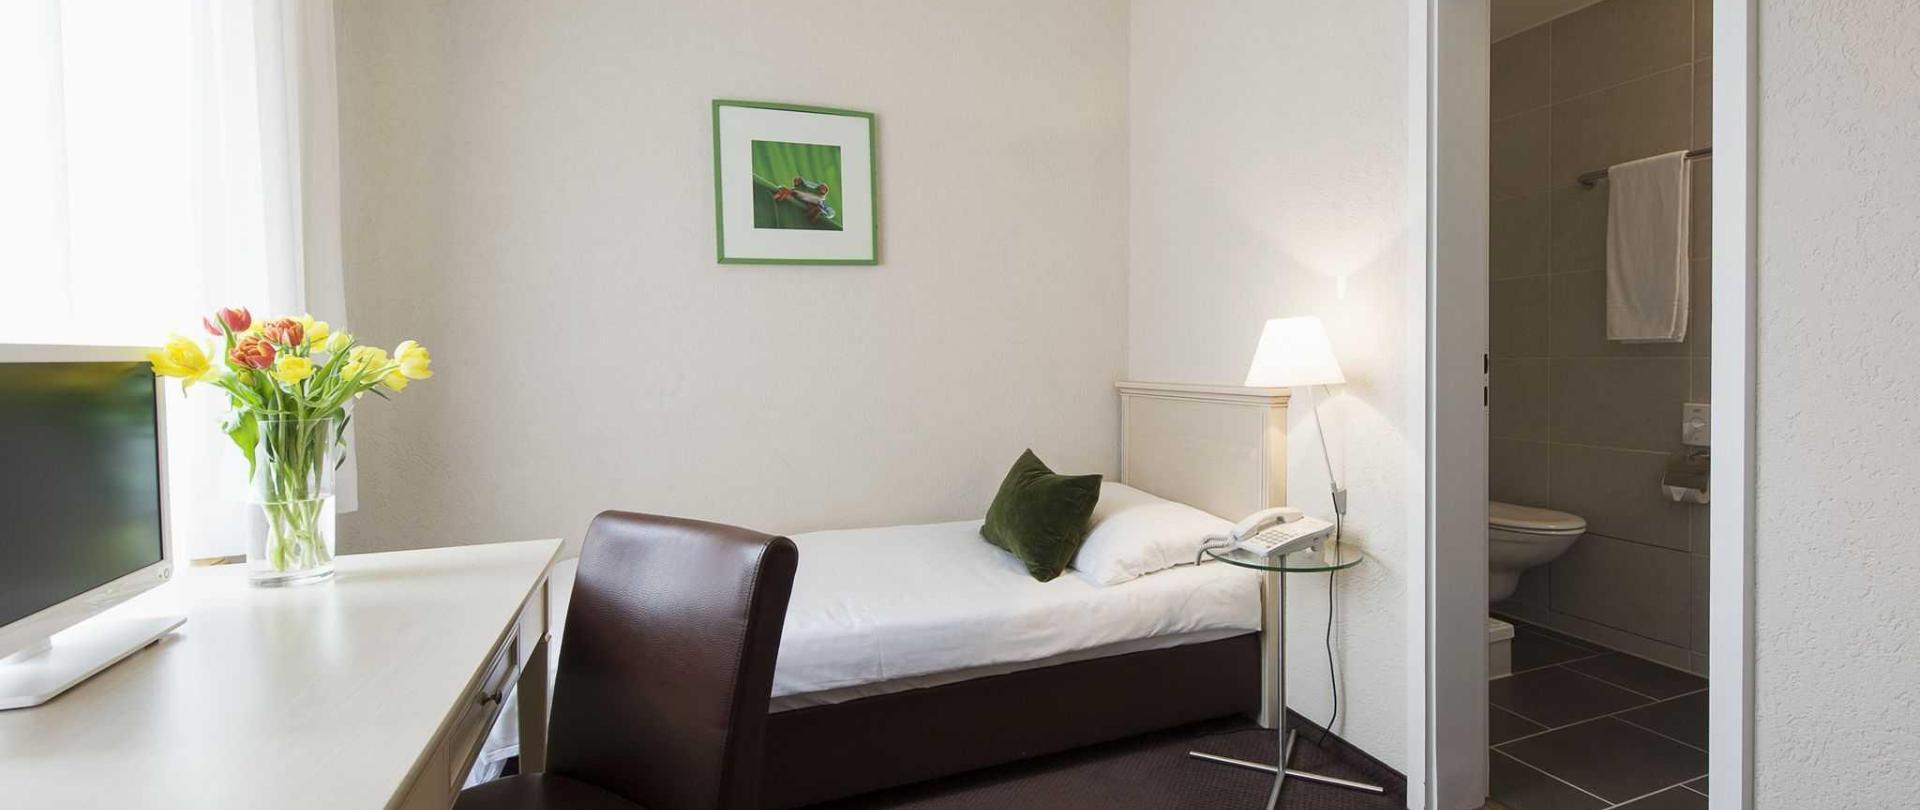 1504-hotel-neufeld-012.jpg